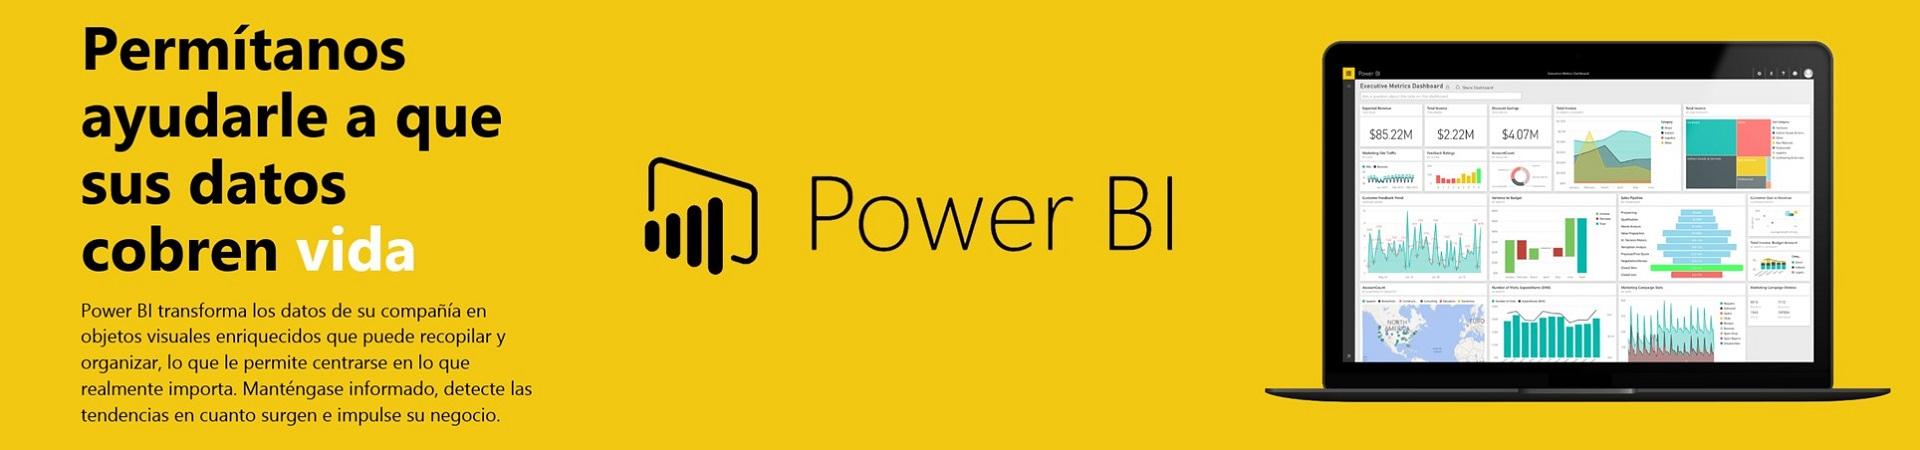 power-bi-slide